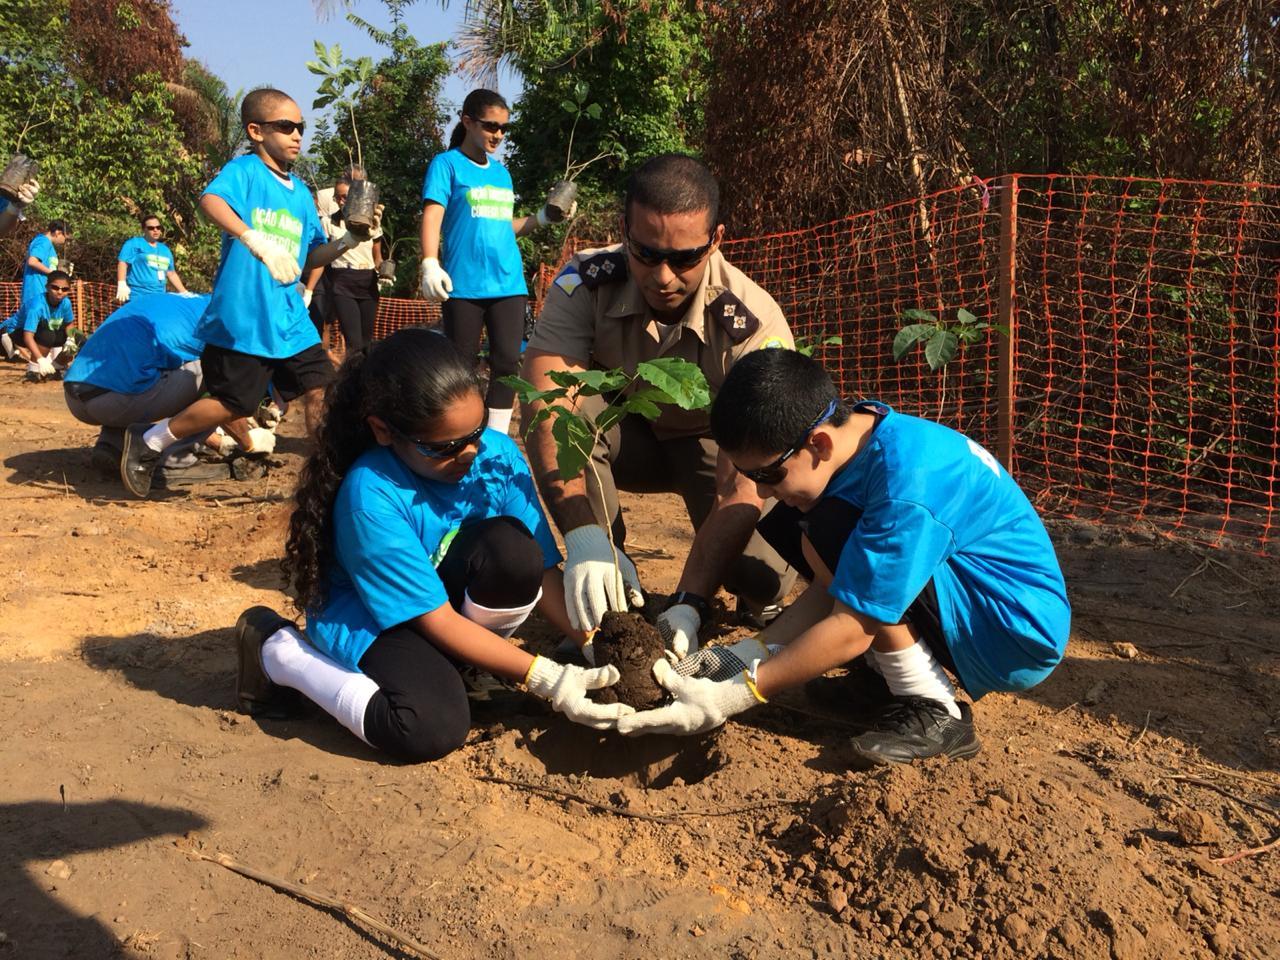 No Dia da Árvore, BRK Ambiental e estudantes realizam limpeza e plantio de mudas em Colinas (TO)